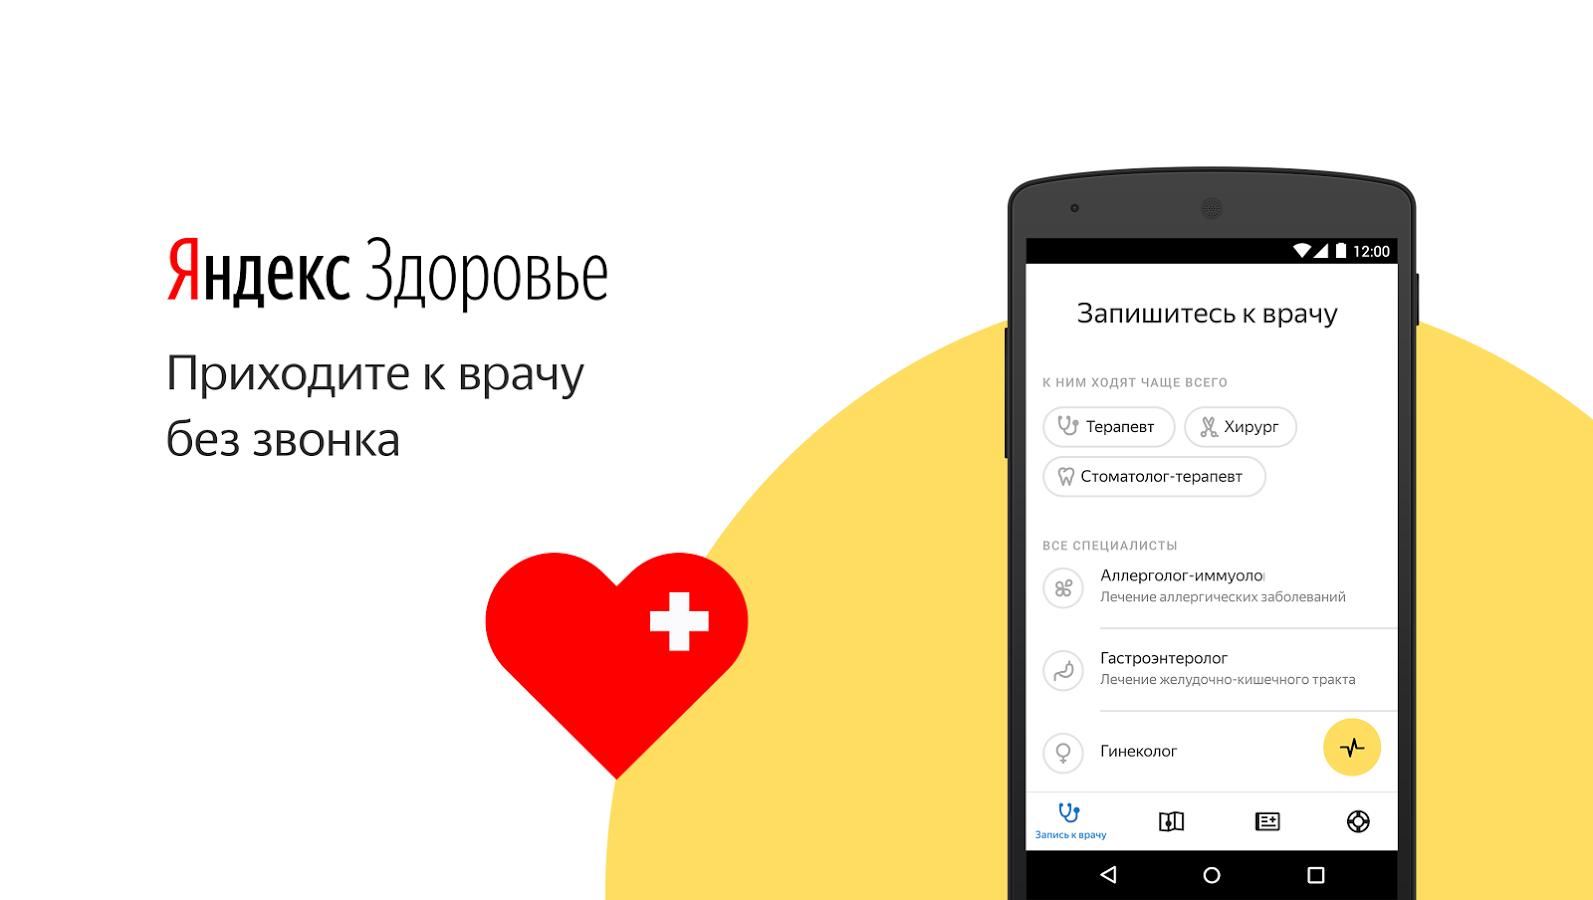 Скачать Яндекс Здоровье на Андроид